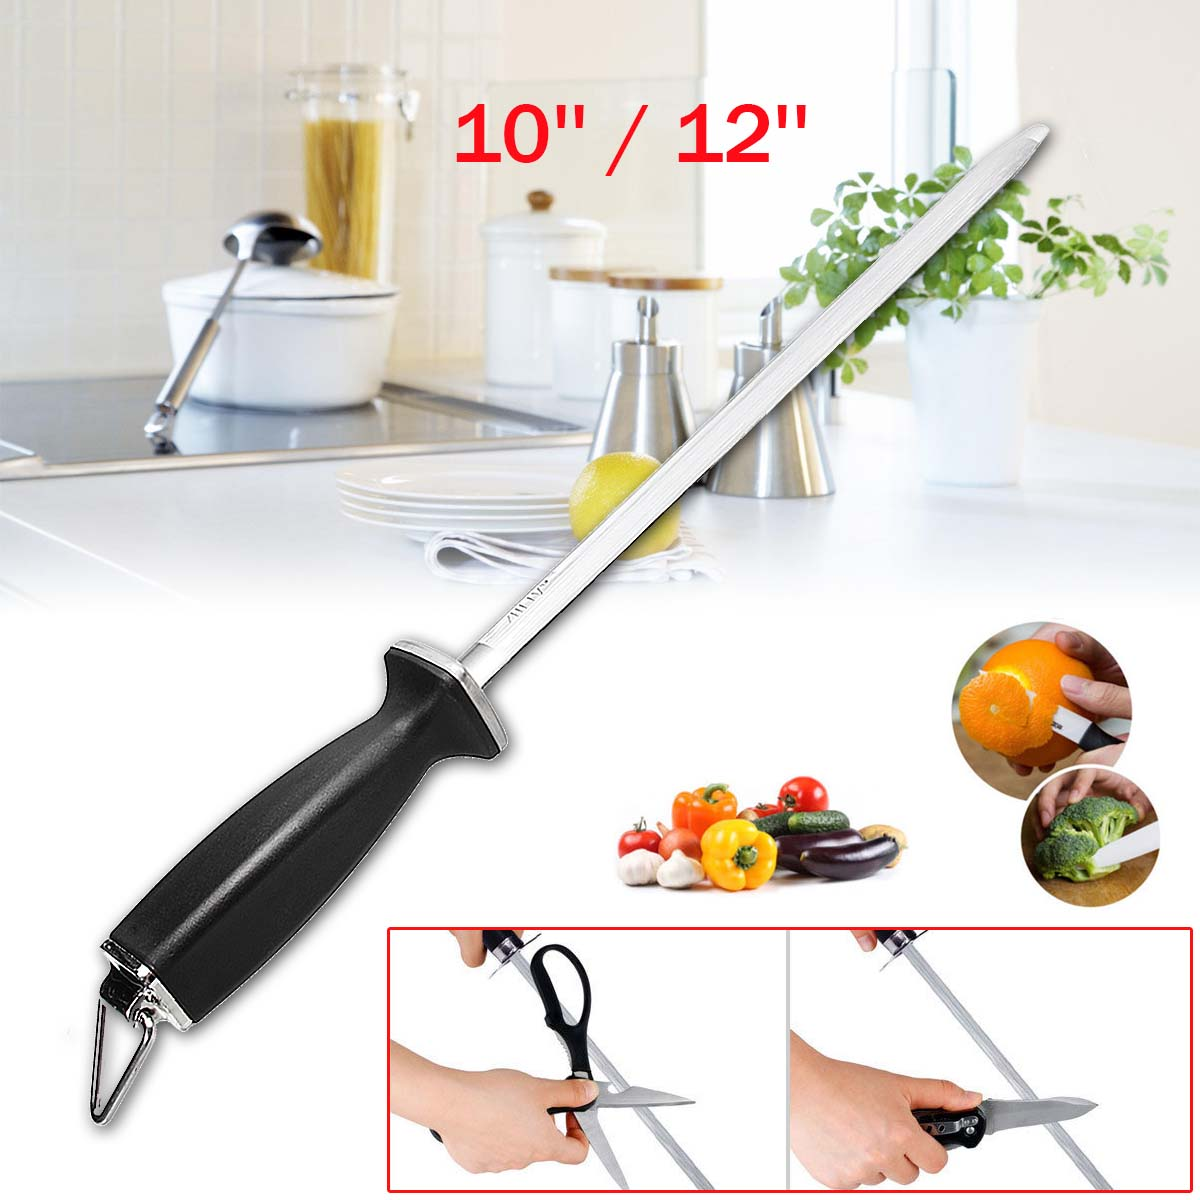 10/12 Inch Knife Diamond Sharpening Steel Rod Stick Sharpener honing steel Oval Stone,Chef Sharpener,Household Appliance,Kitchen Accessories